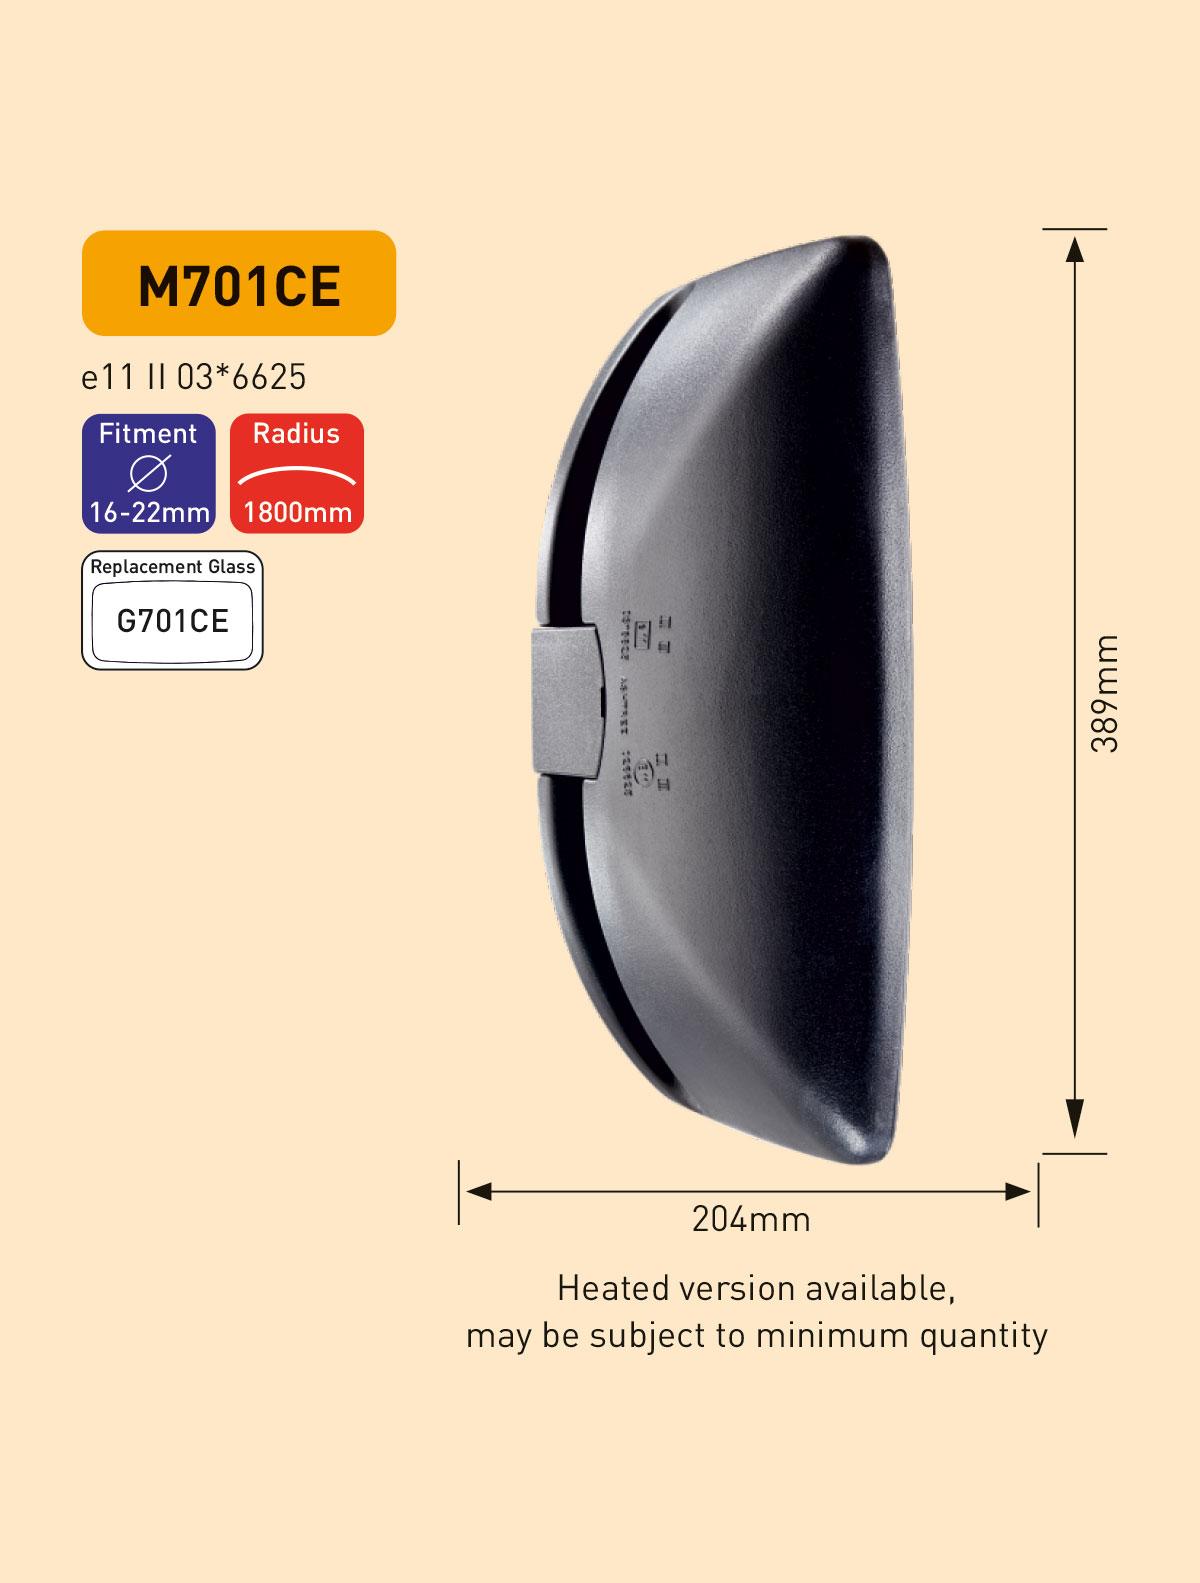 M701CE